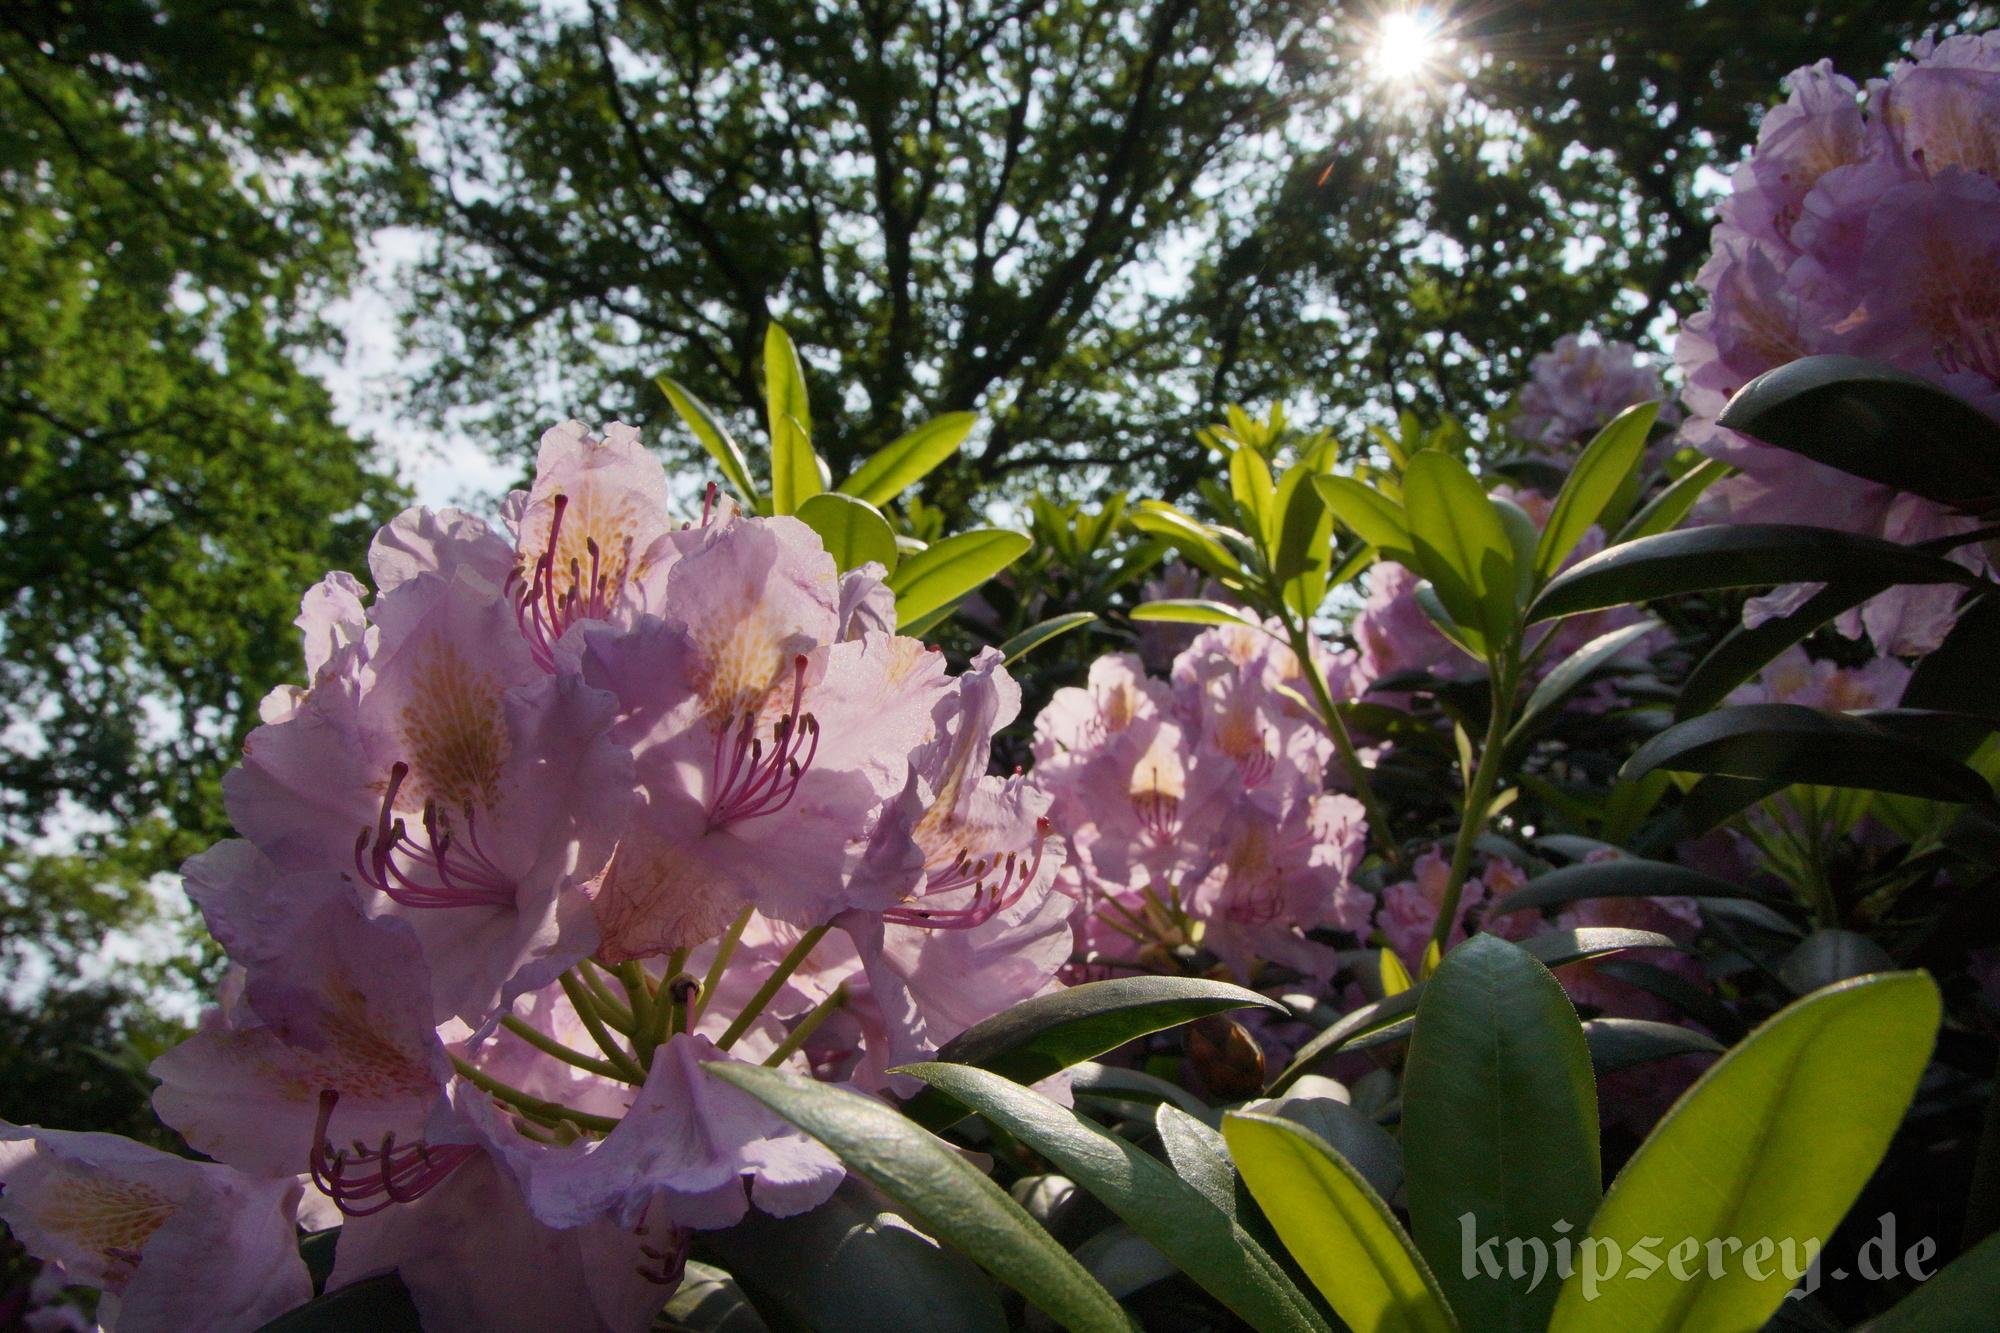 ausflugstipp rhododendronpark bremen knipserey. Black Bedroom Furniture Sets. Home Design Ideas